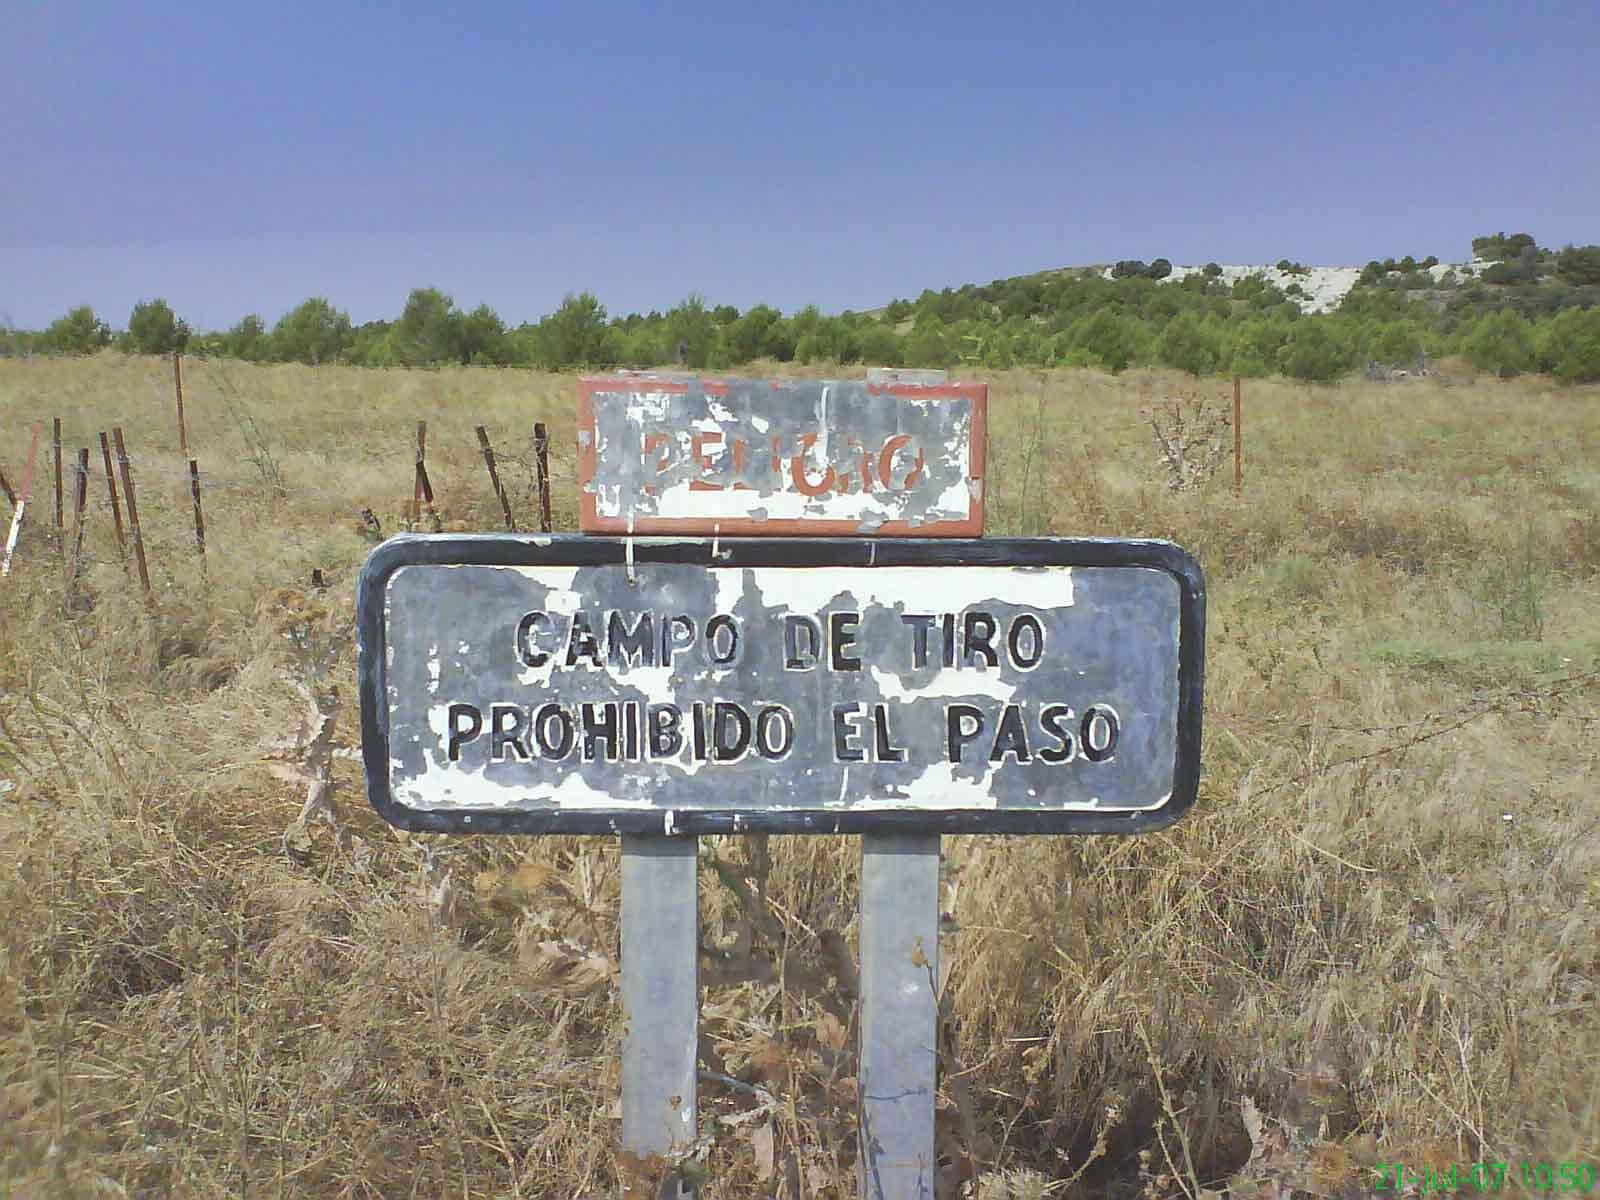 Campo de maniobras de San Gregorio tiro de carro de combate prohibido el paso Zaragoza